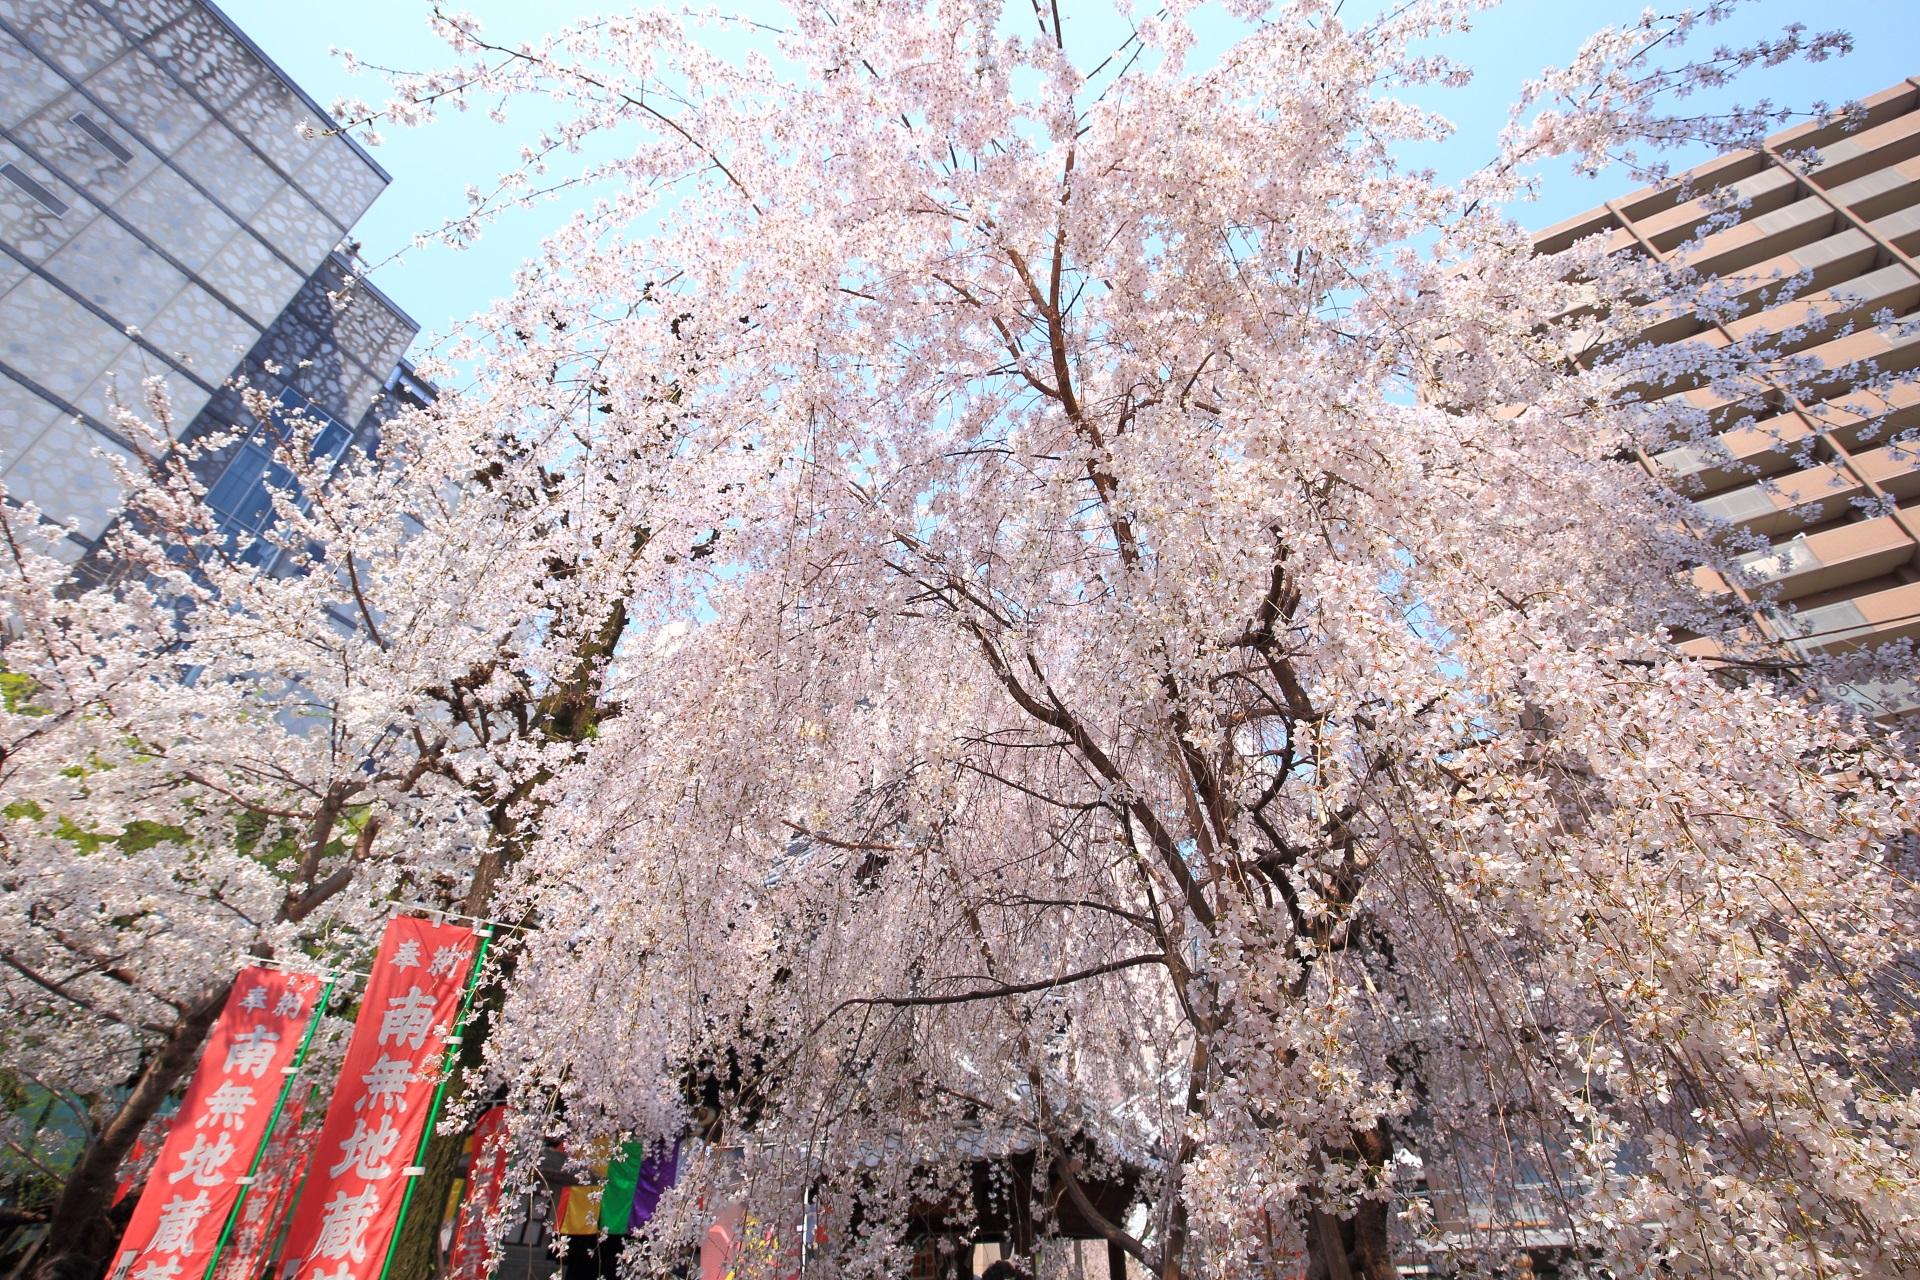 六角堂のビルの間からのぞく青空を覆う華やかなしだれ桜